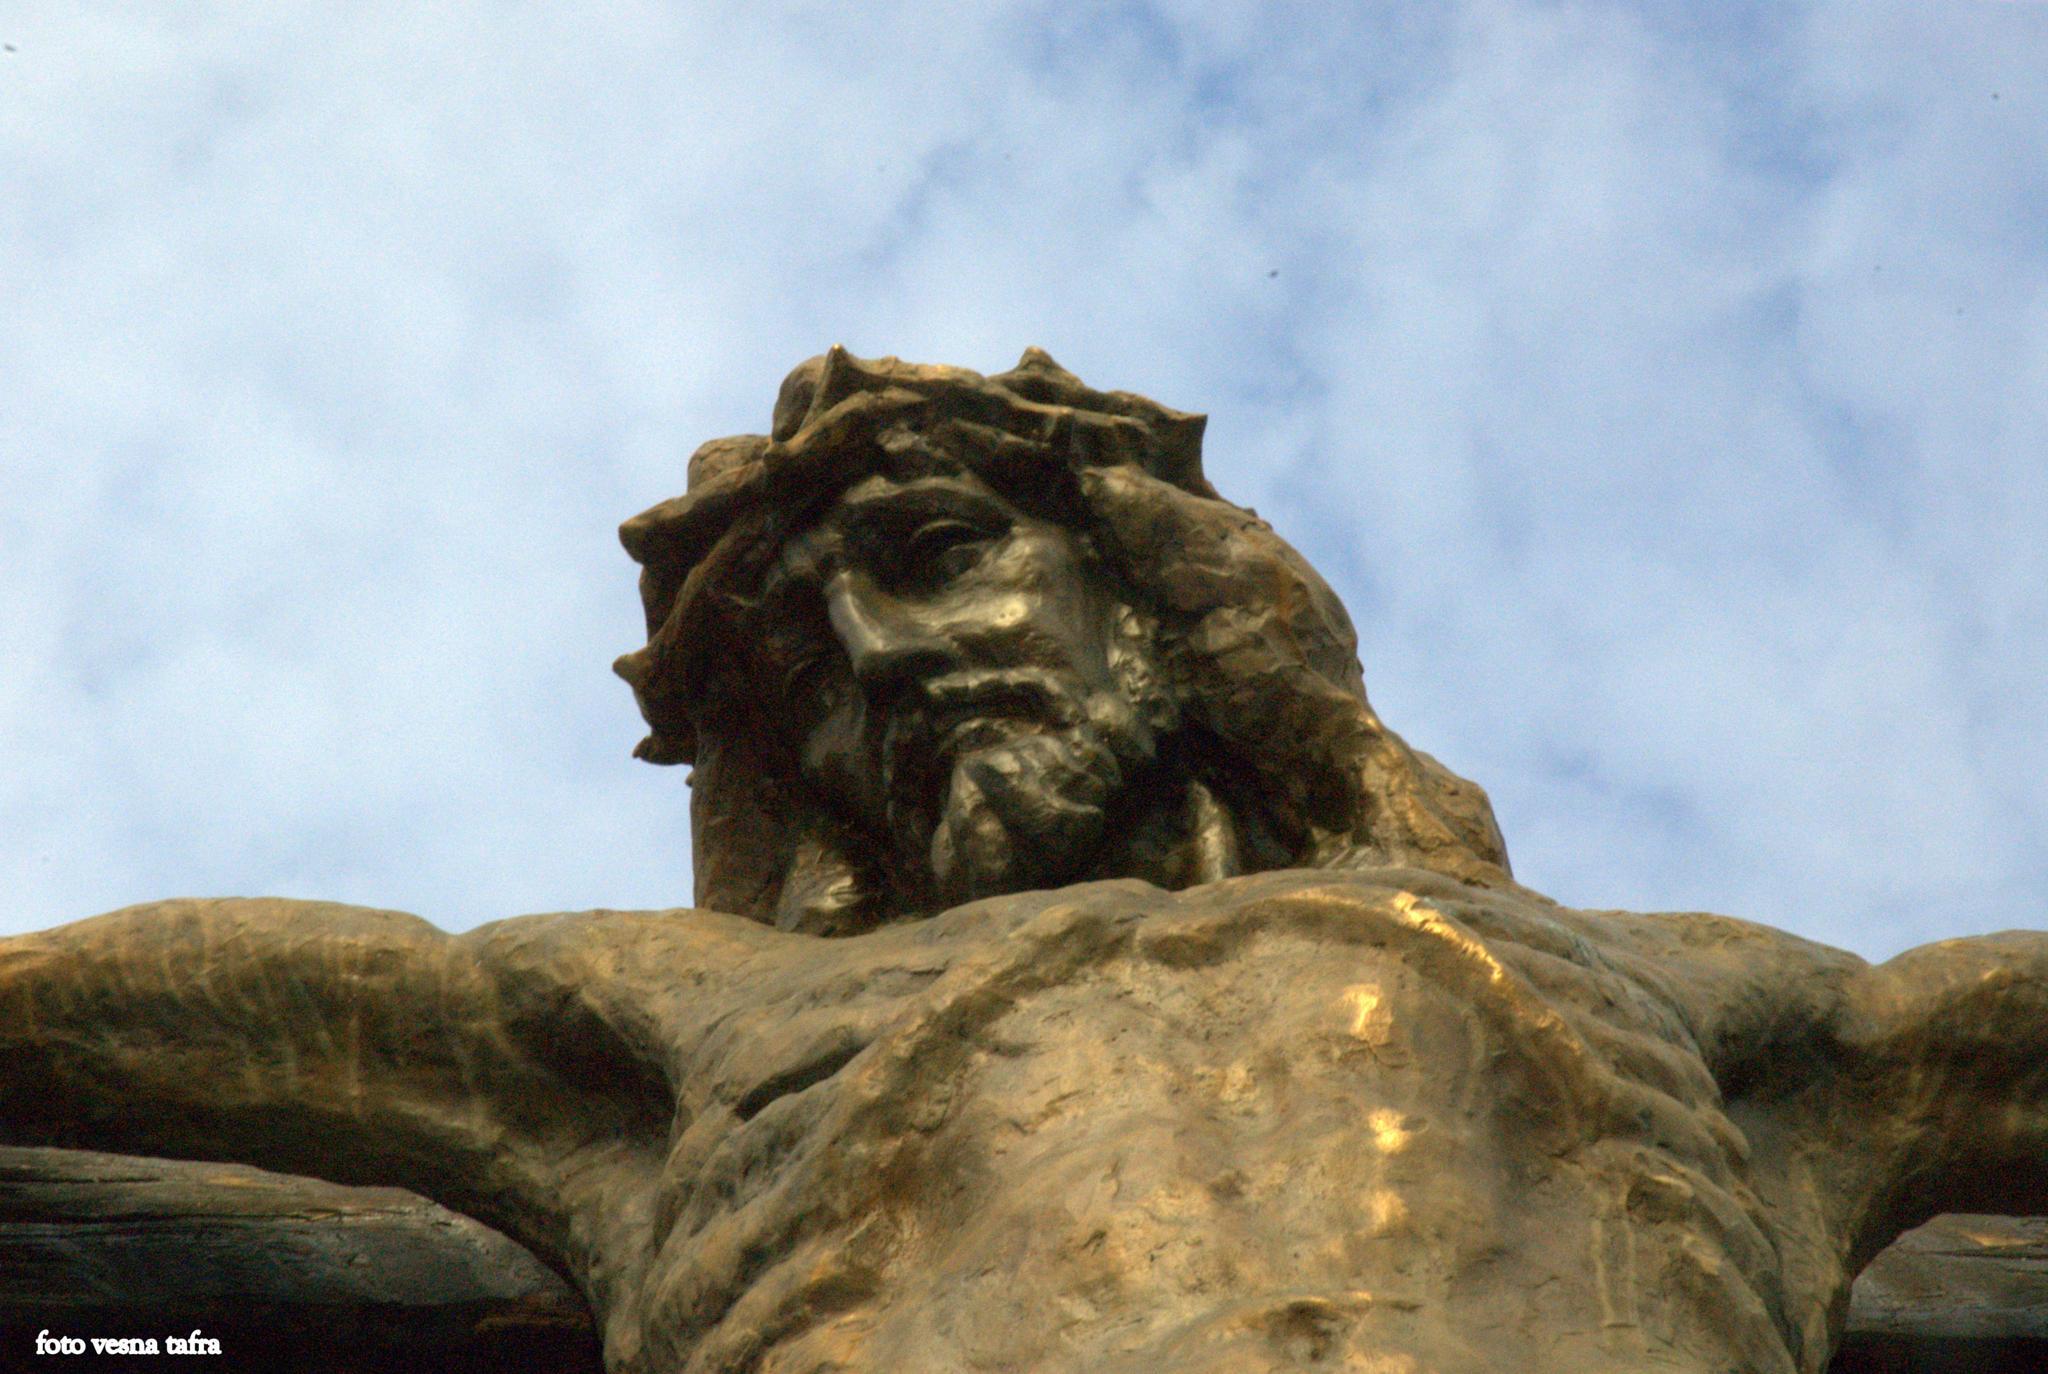 Jesus by vesna.tafra